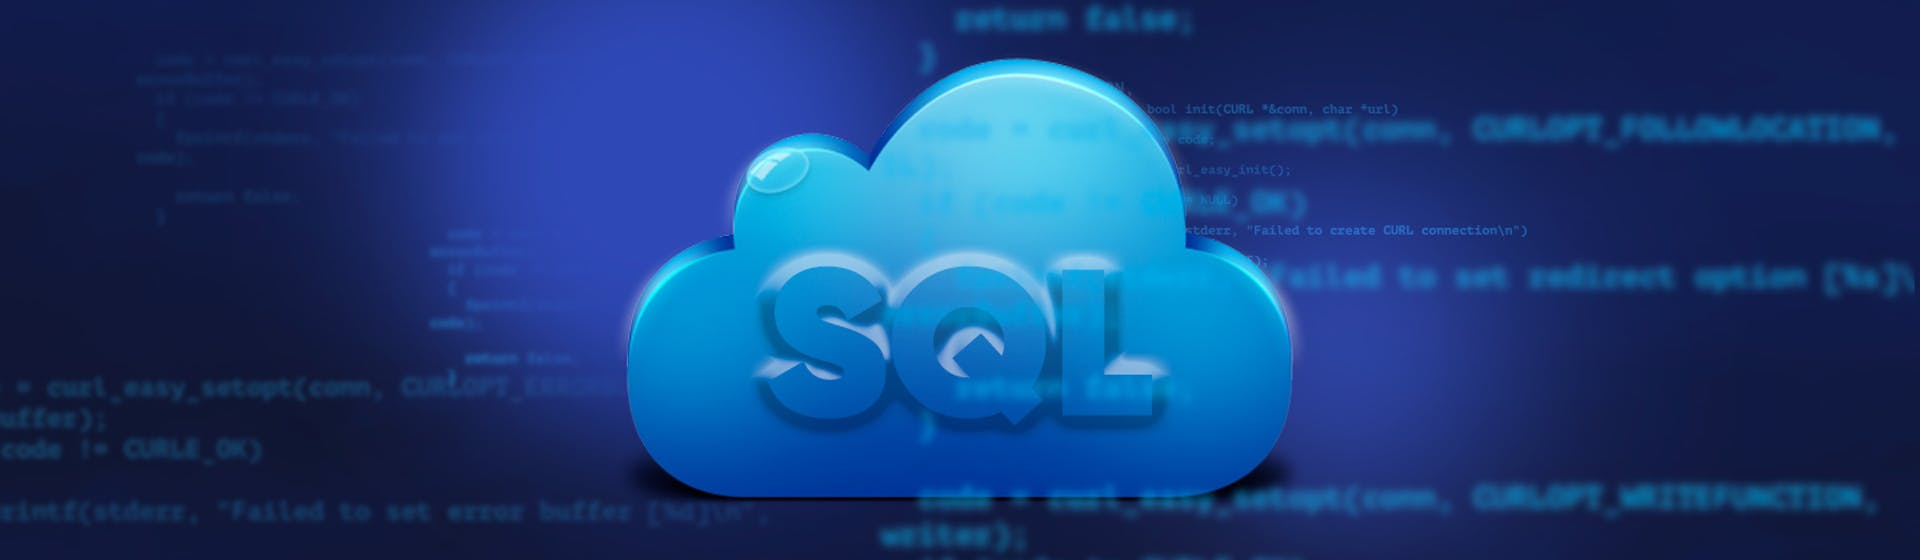 ¿Qué es y para qué sirve SQL? Consejos para usarlo en el análisis de datos